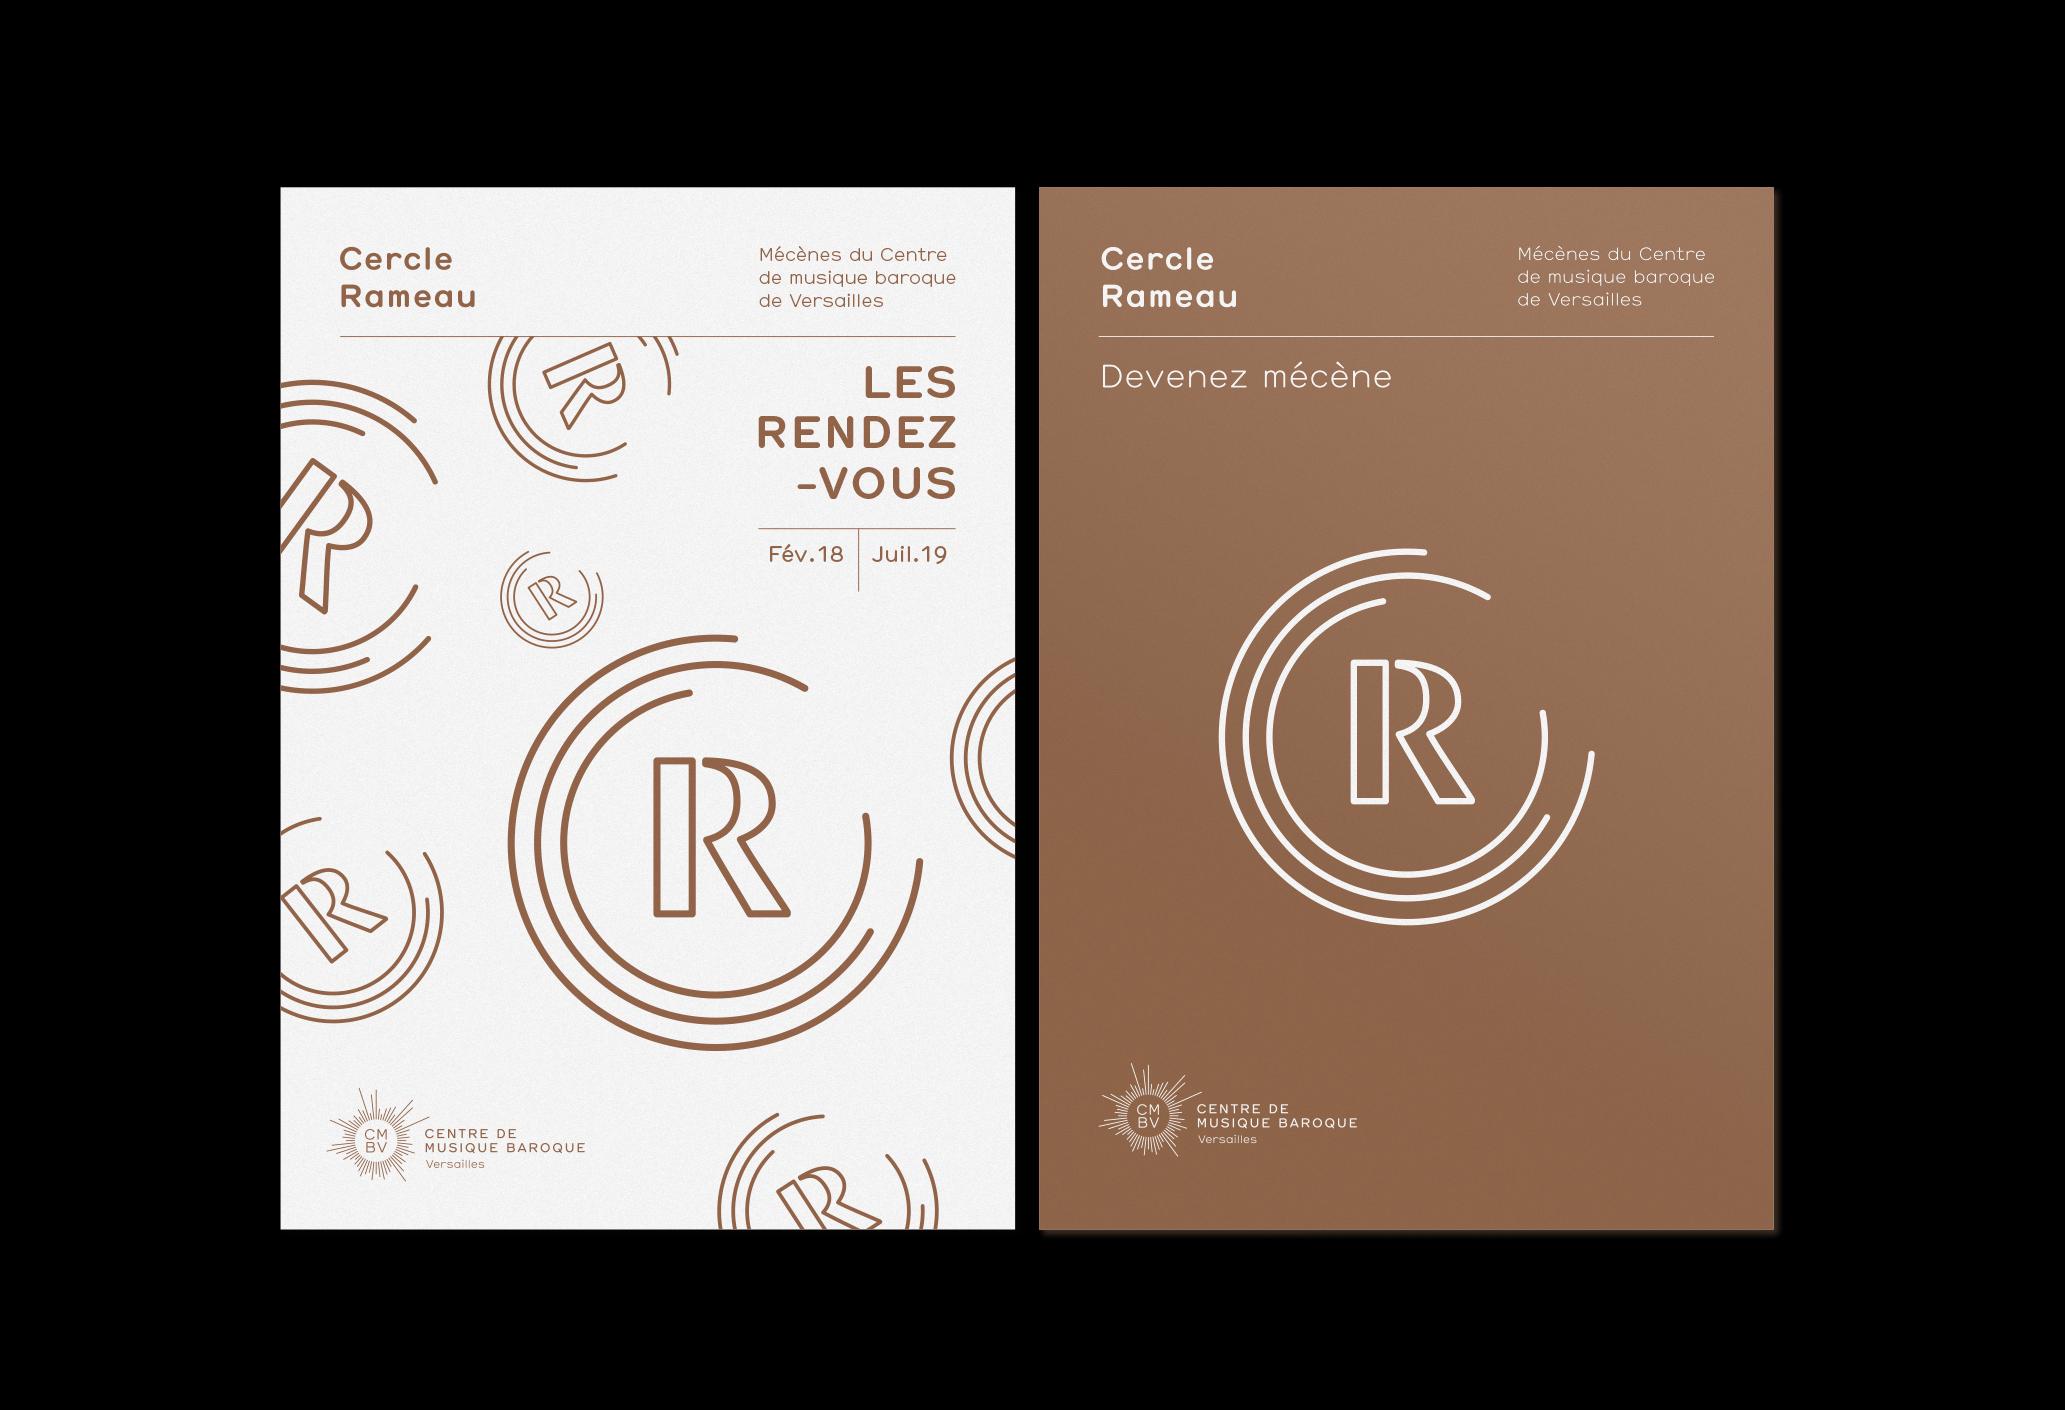 CMBV - Cercle Rameau